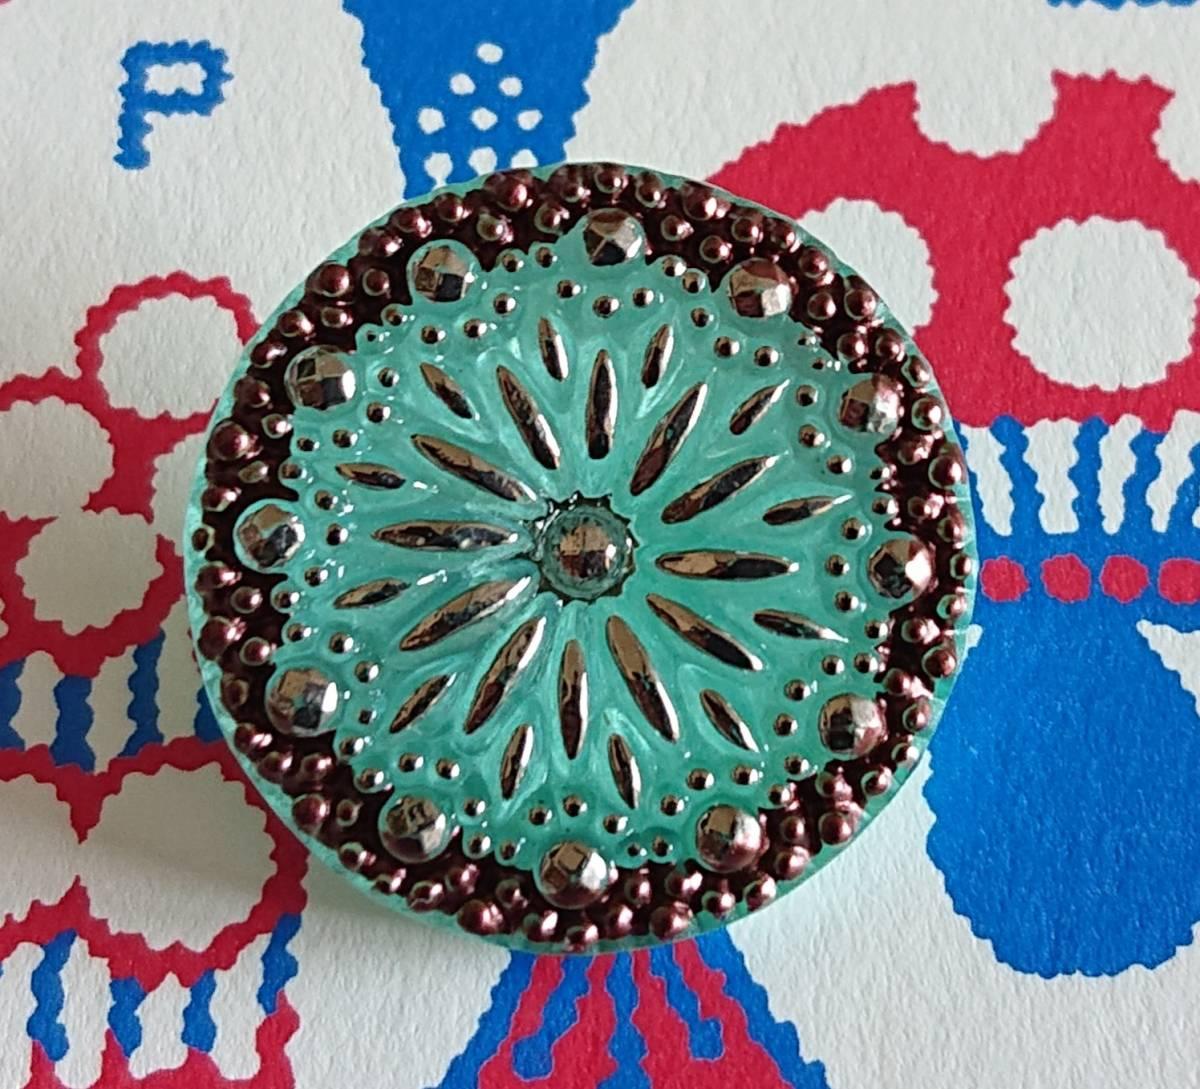 チェコ ガラスボタン27mm クリアターコイズブルー×シルバー/太陽と星の様なボタン コレクション・ハンドメイドに_画像2